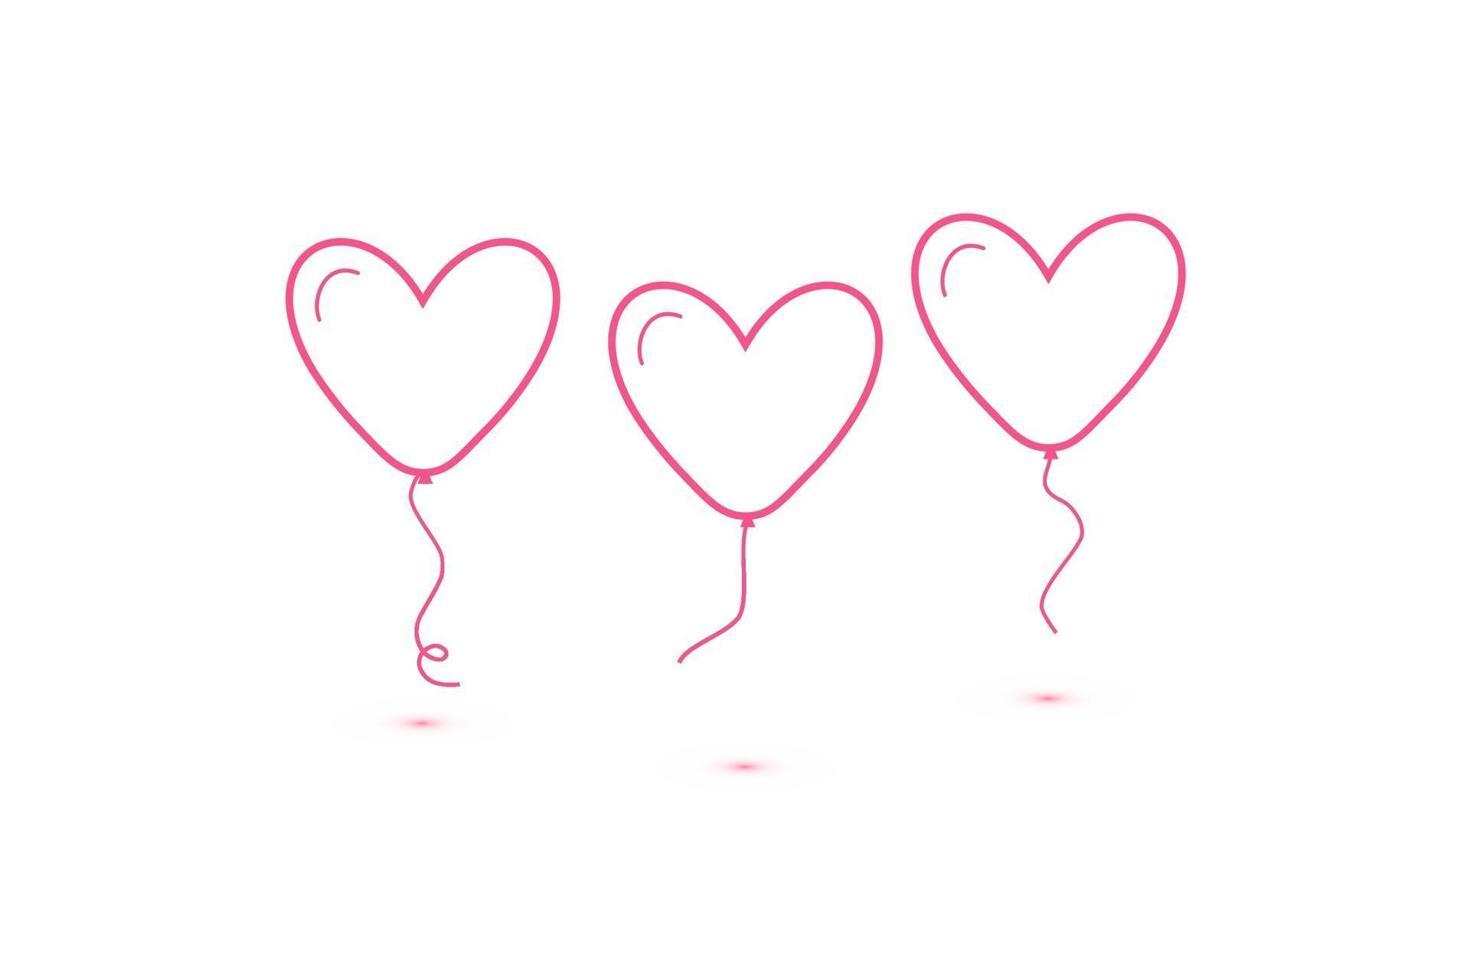 uppsättning hjärtballonger isolerade, enda linjär ikon för webbplatser och mobil minimalistisk platt design. vektor